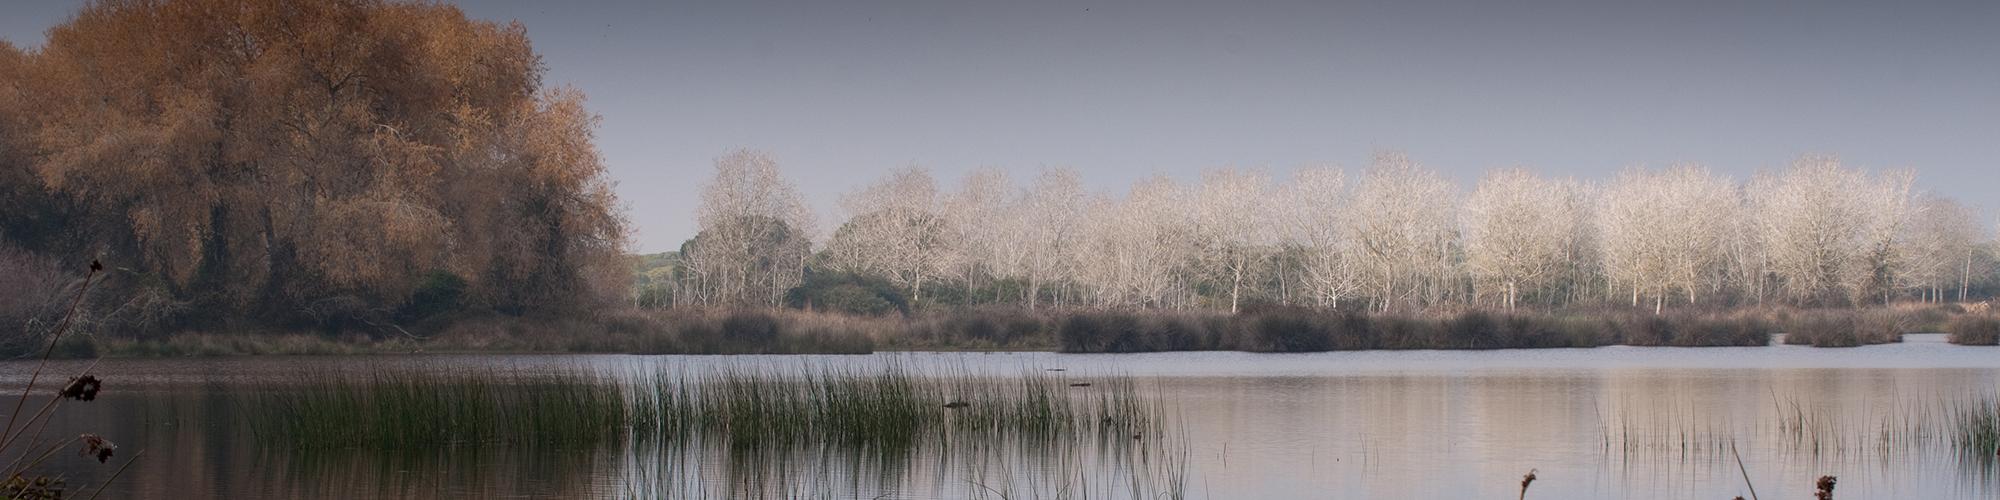 Reserva Biológica de Doñana